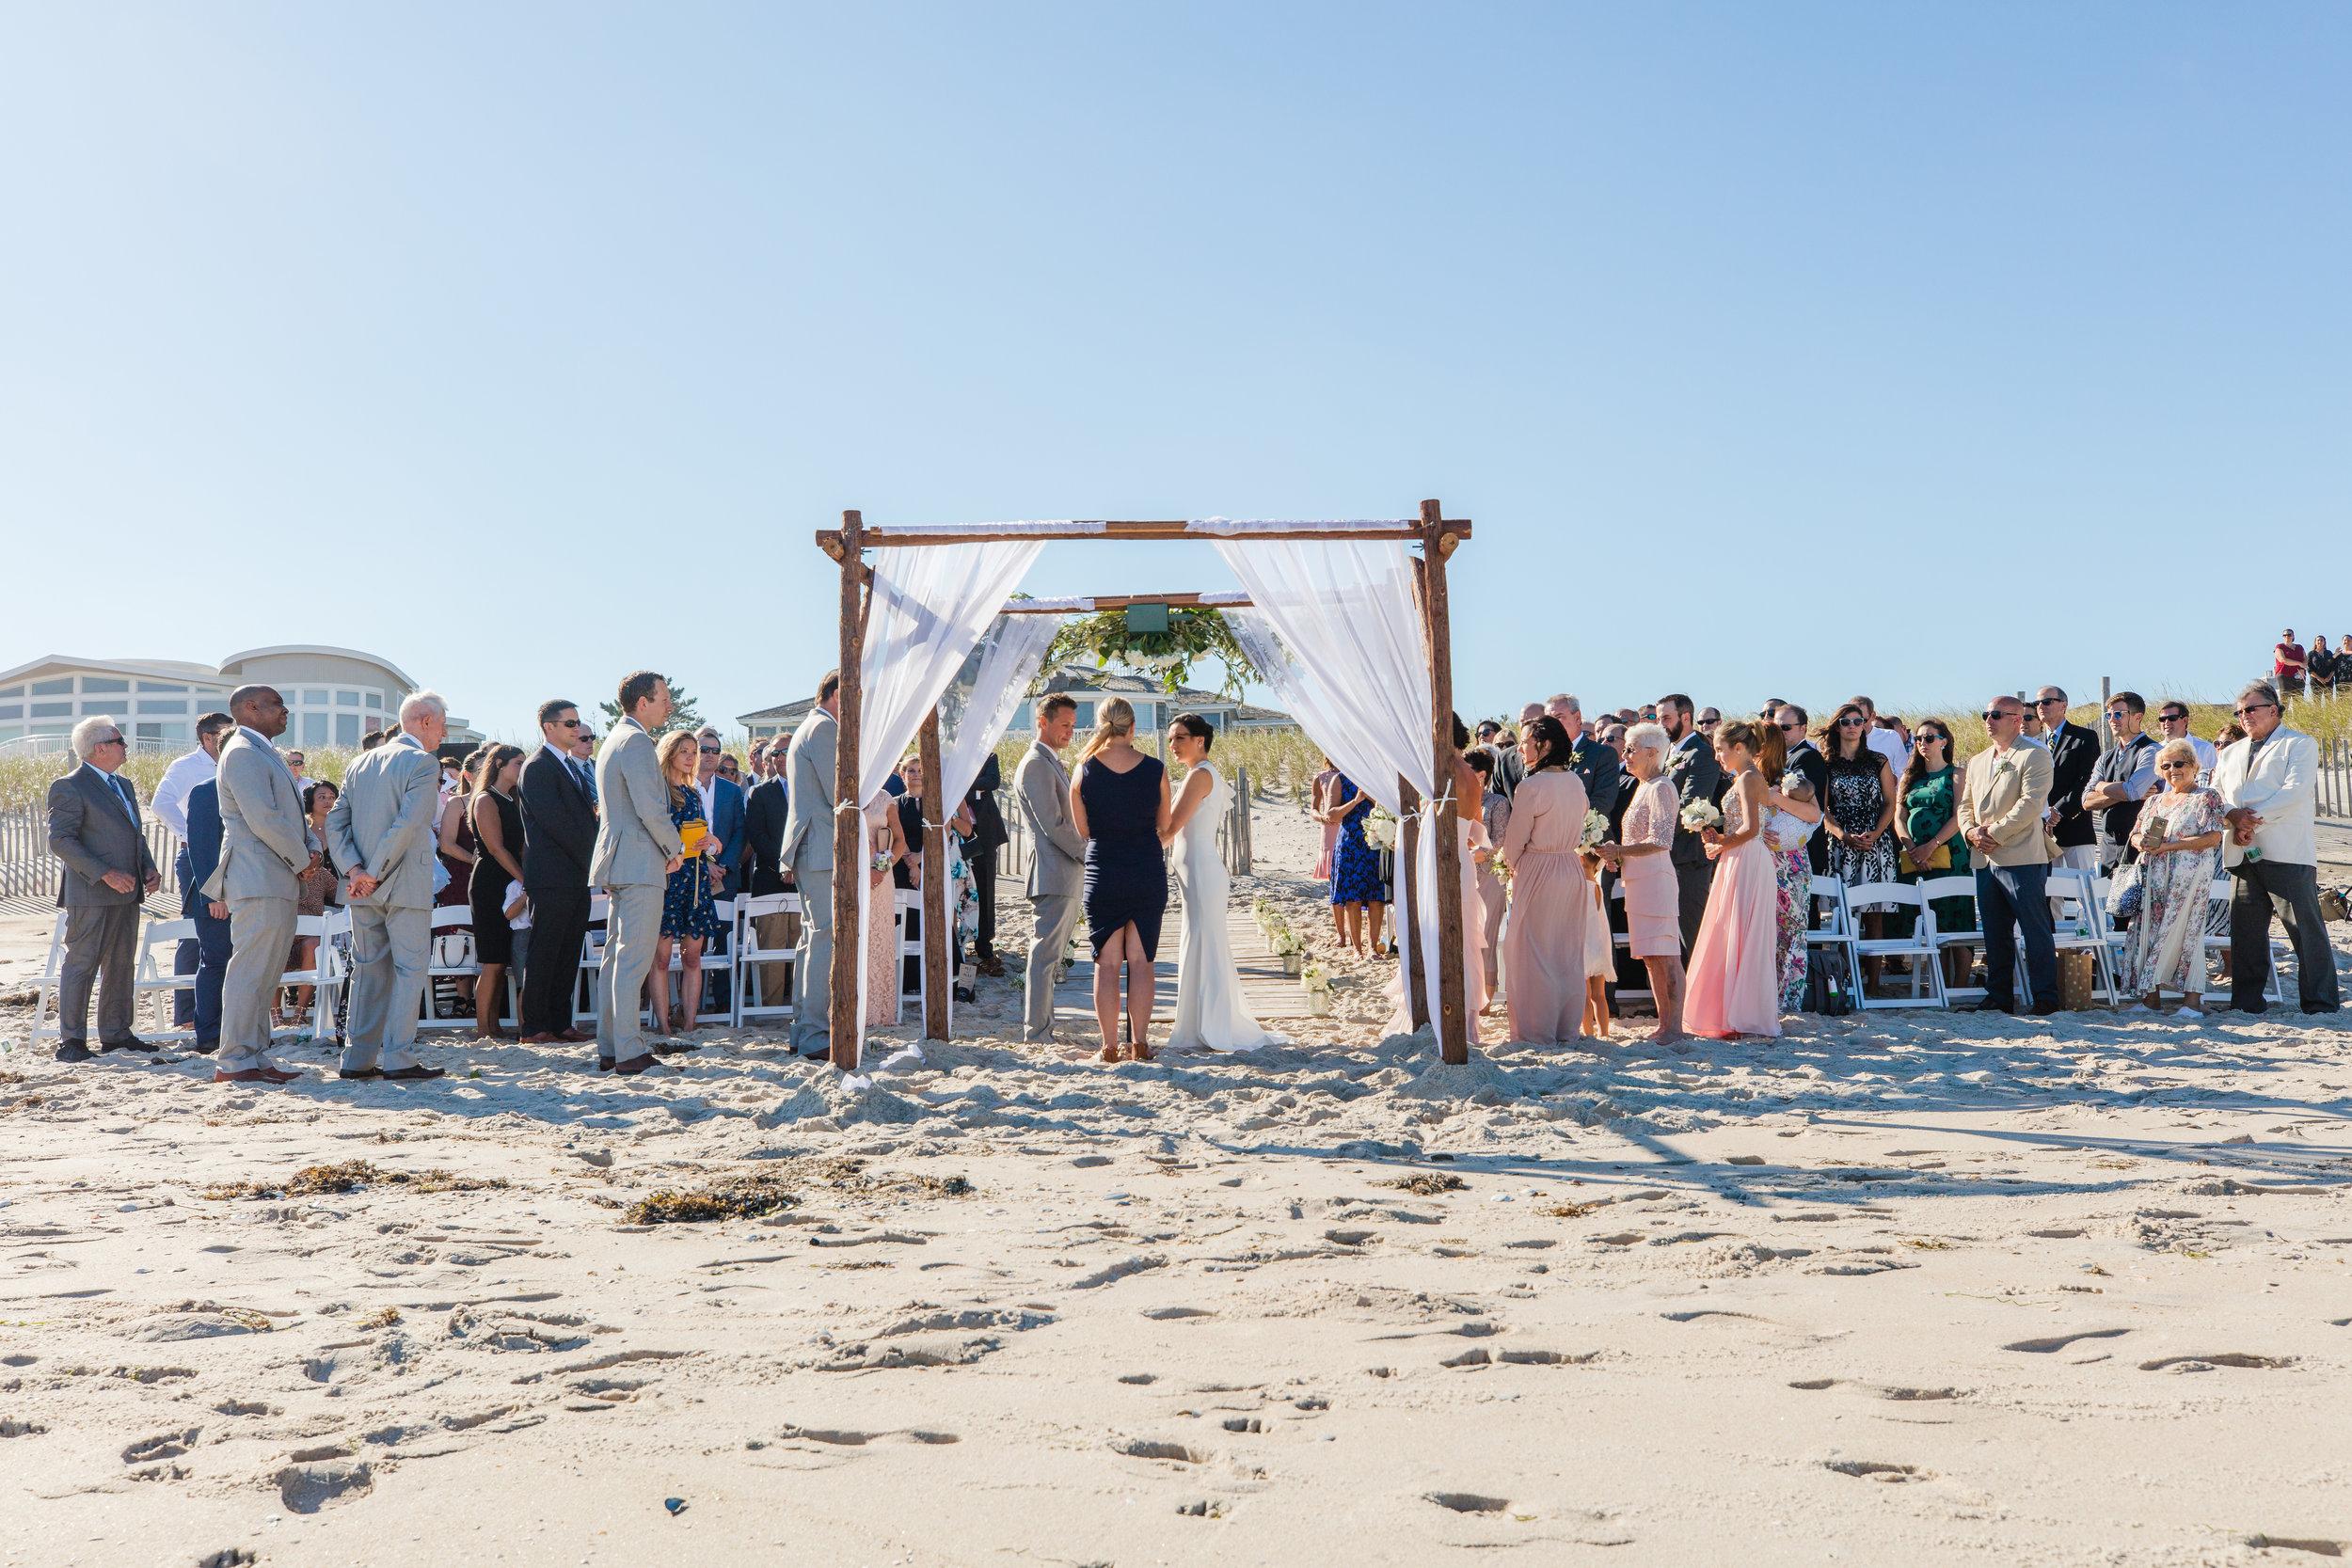 lbi-wedding-arts-foundation-lbi-wedding-photographer-tiff-14.jpg